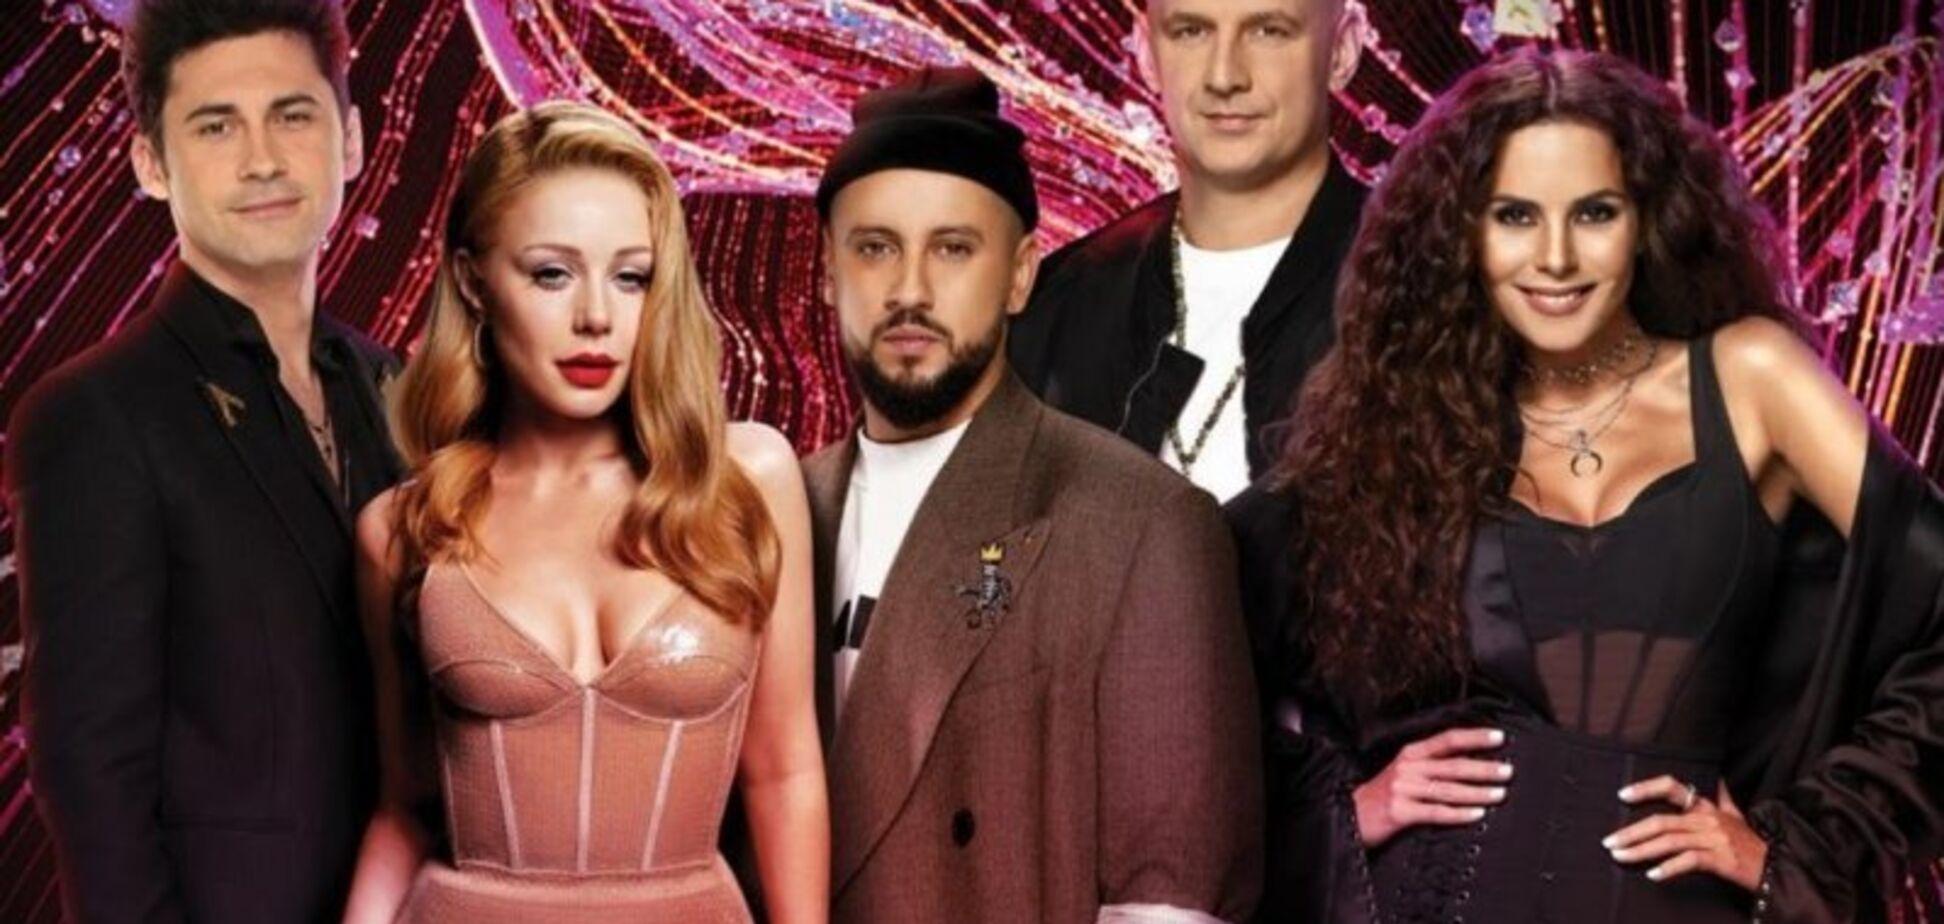 Drag queen и поющий офицер ВСУ: чем запомнился шестой выпуск шоу 'Голос країни'